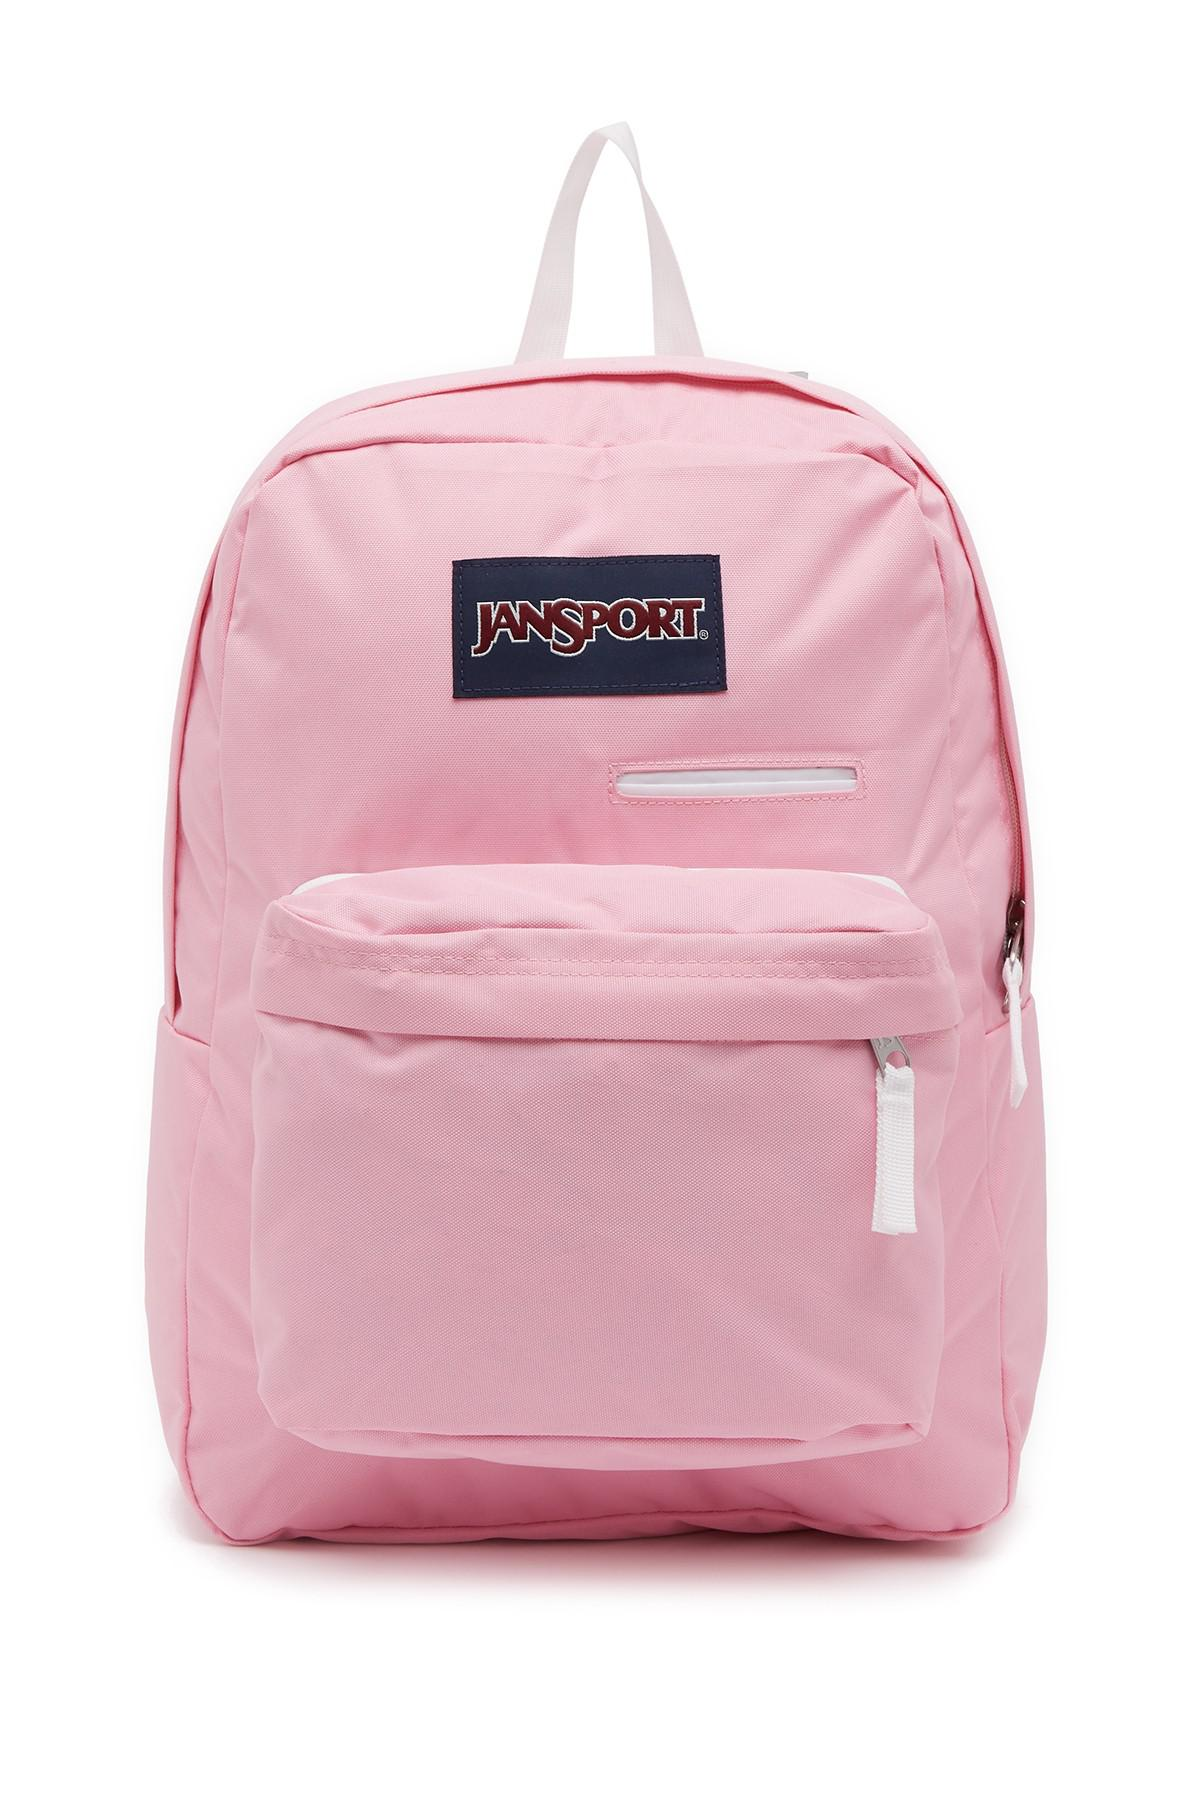 e13b4aec01 Lyst - Jansport Digibreak Prism Pink Backpack in Pink